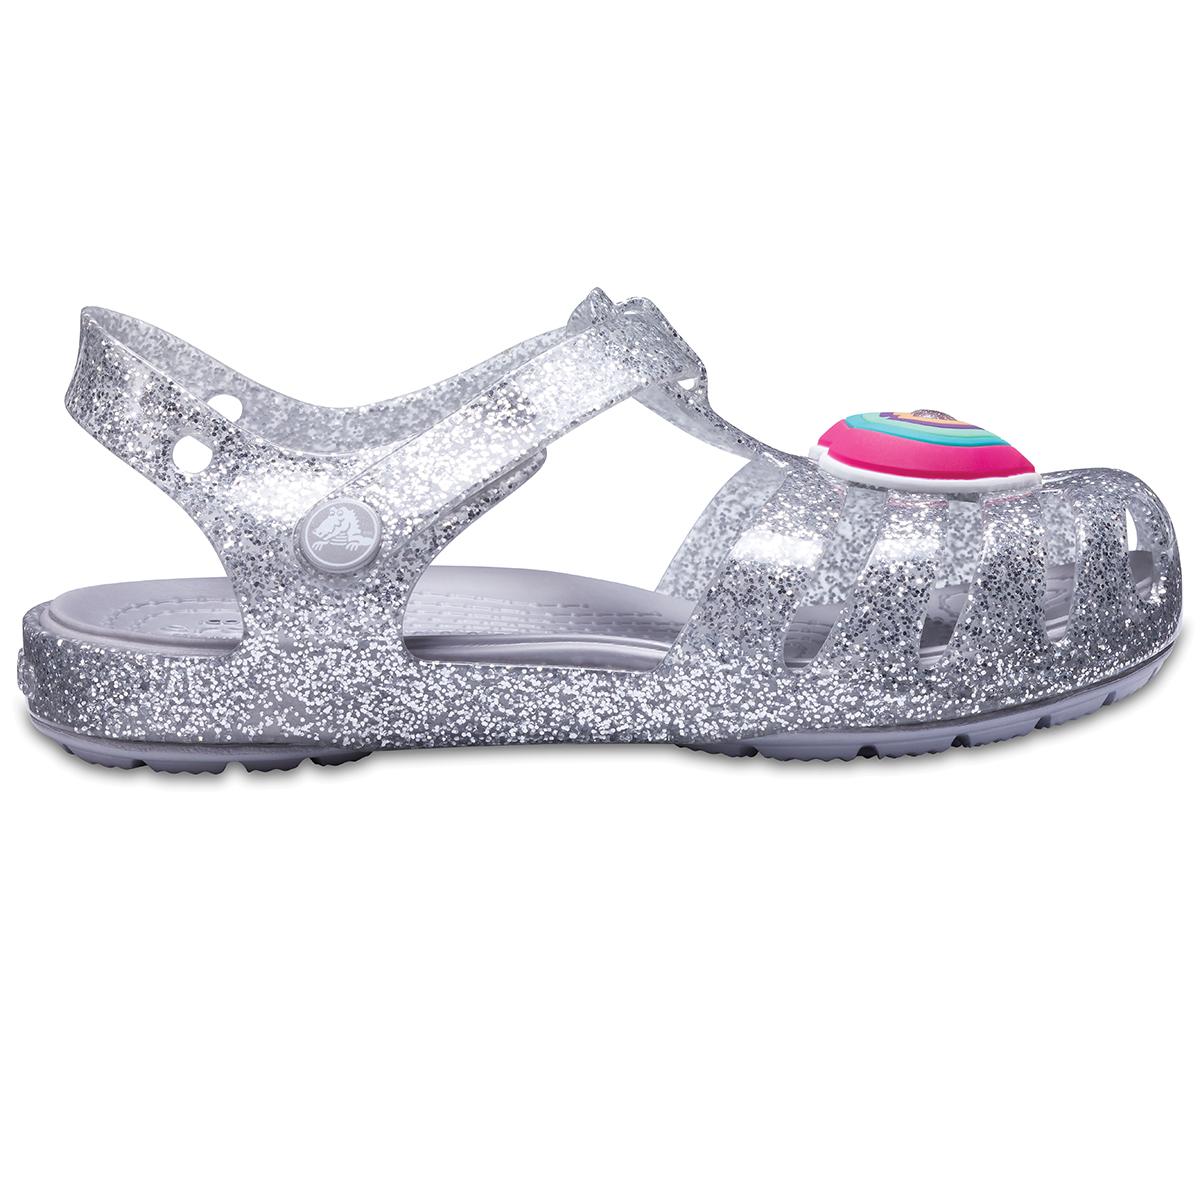 Crocs Isabella Novelty Sandal - Gümüş